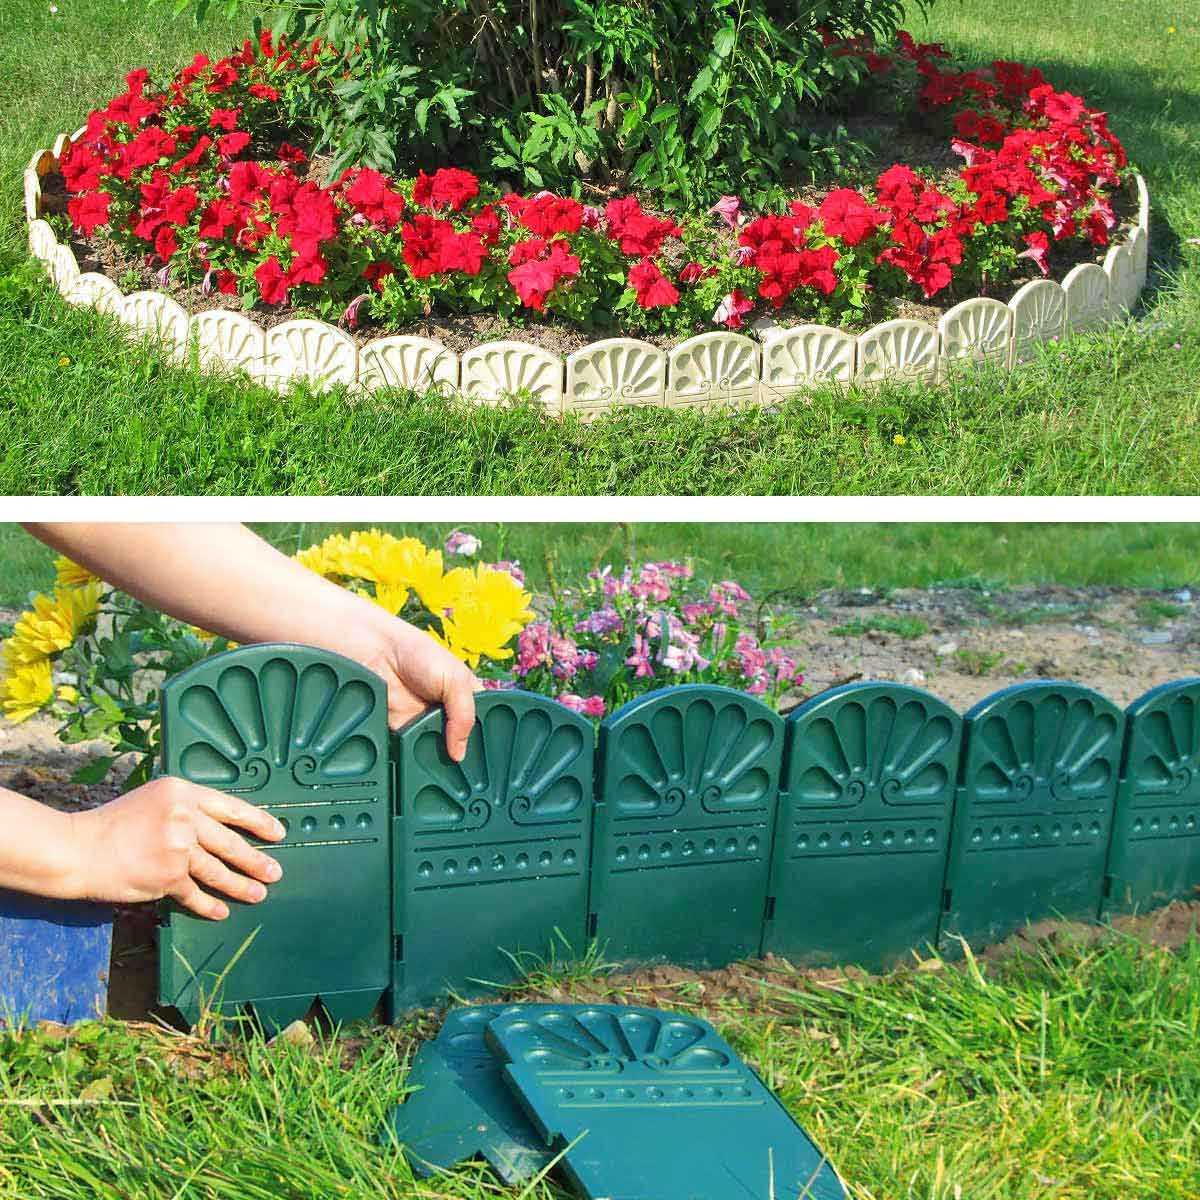 Bordures Décoratives De Jardin En Plastique à Bordure De Jardin